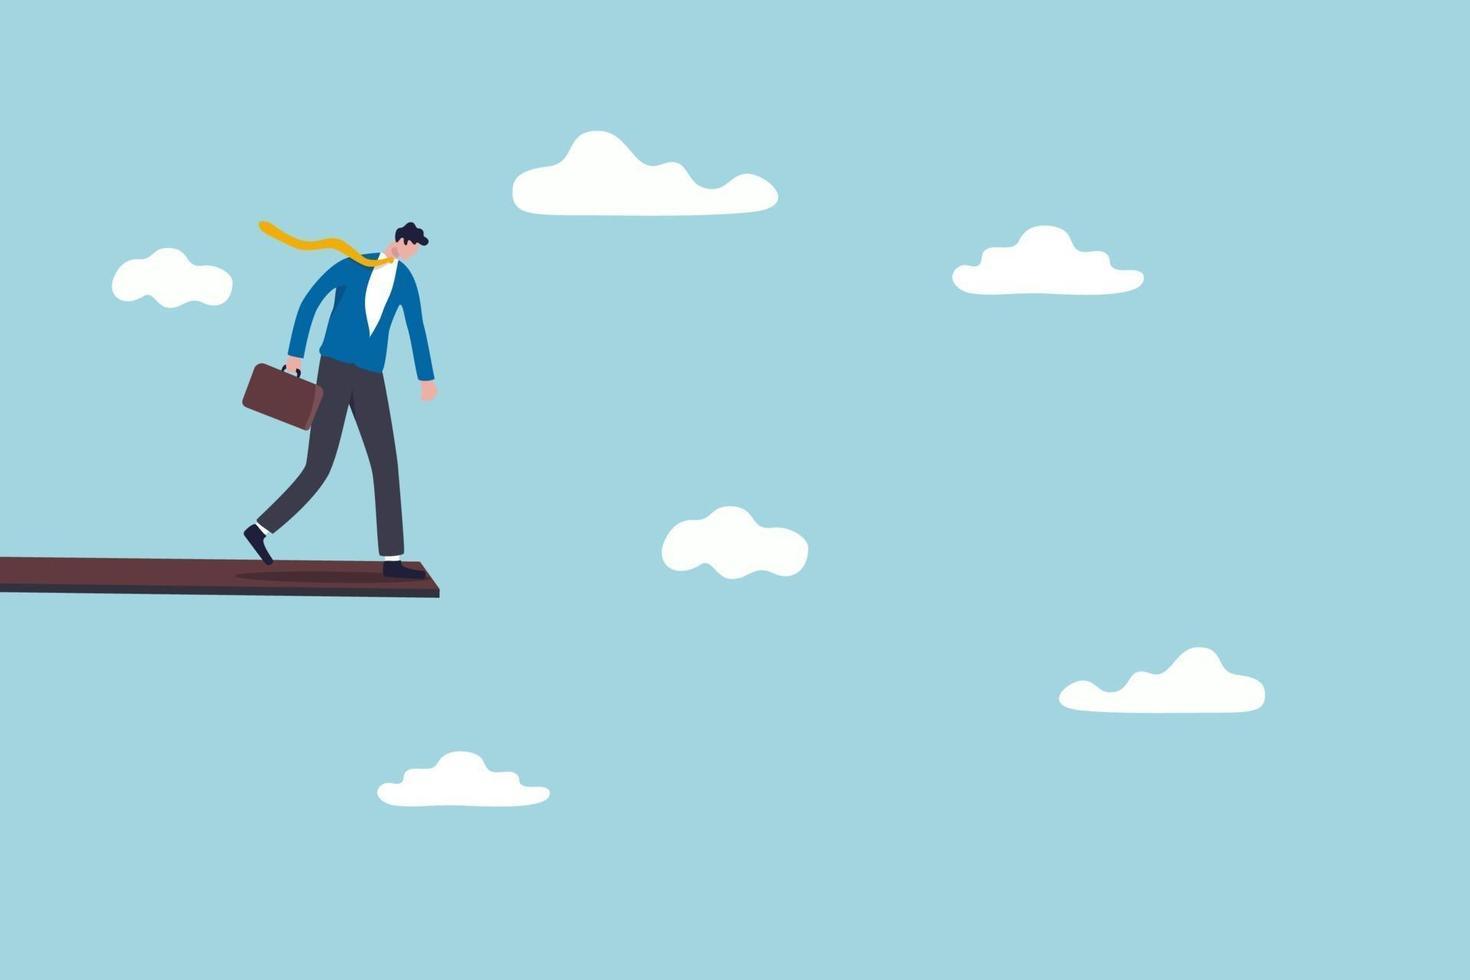 inversión o riesgo financiero de caer de la recesión económica, miedo a perder dinero o concepto de amortización de la deuda, empresario de pie en alto salto de madera en el cielo mirando hacia abajo con miedo a la altura. vector